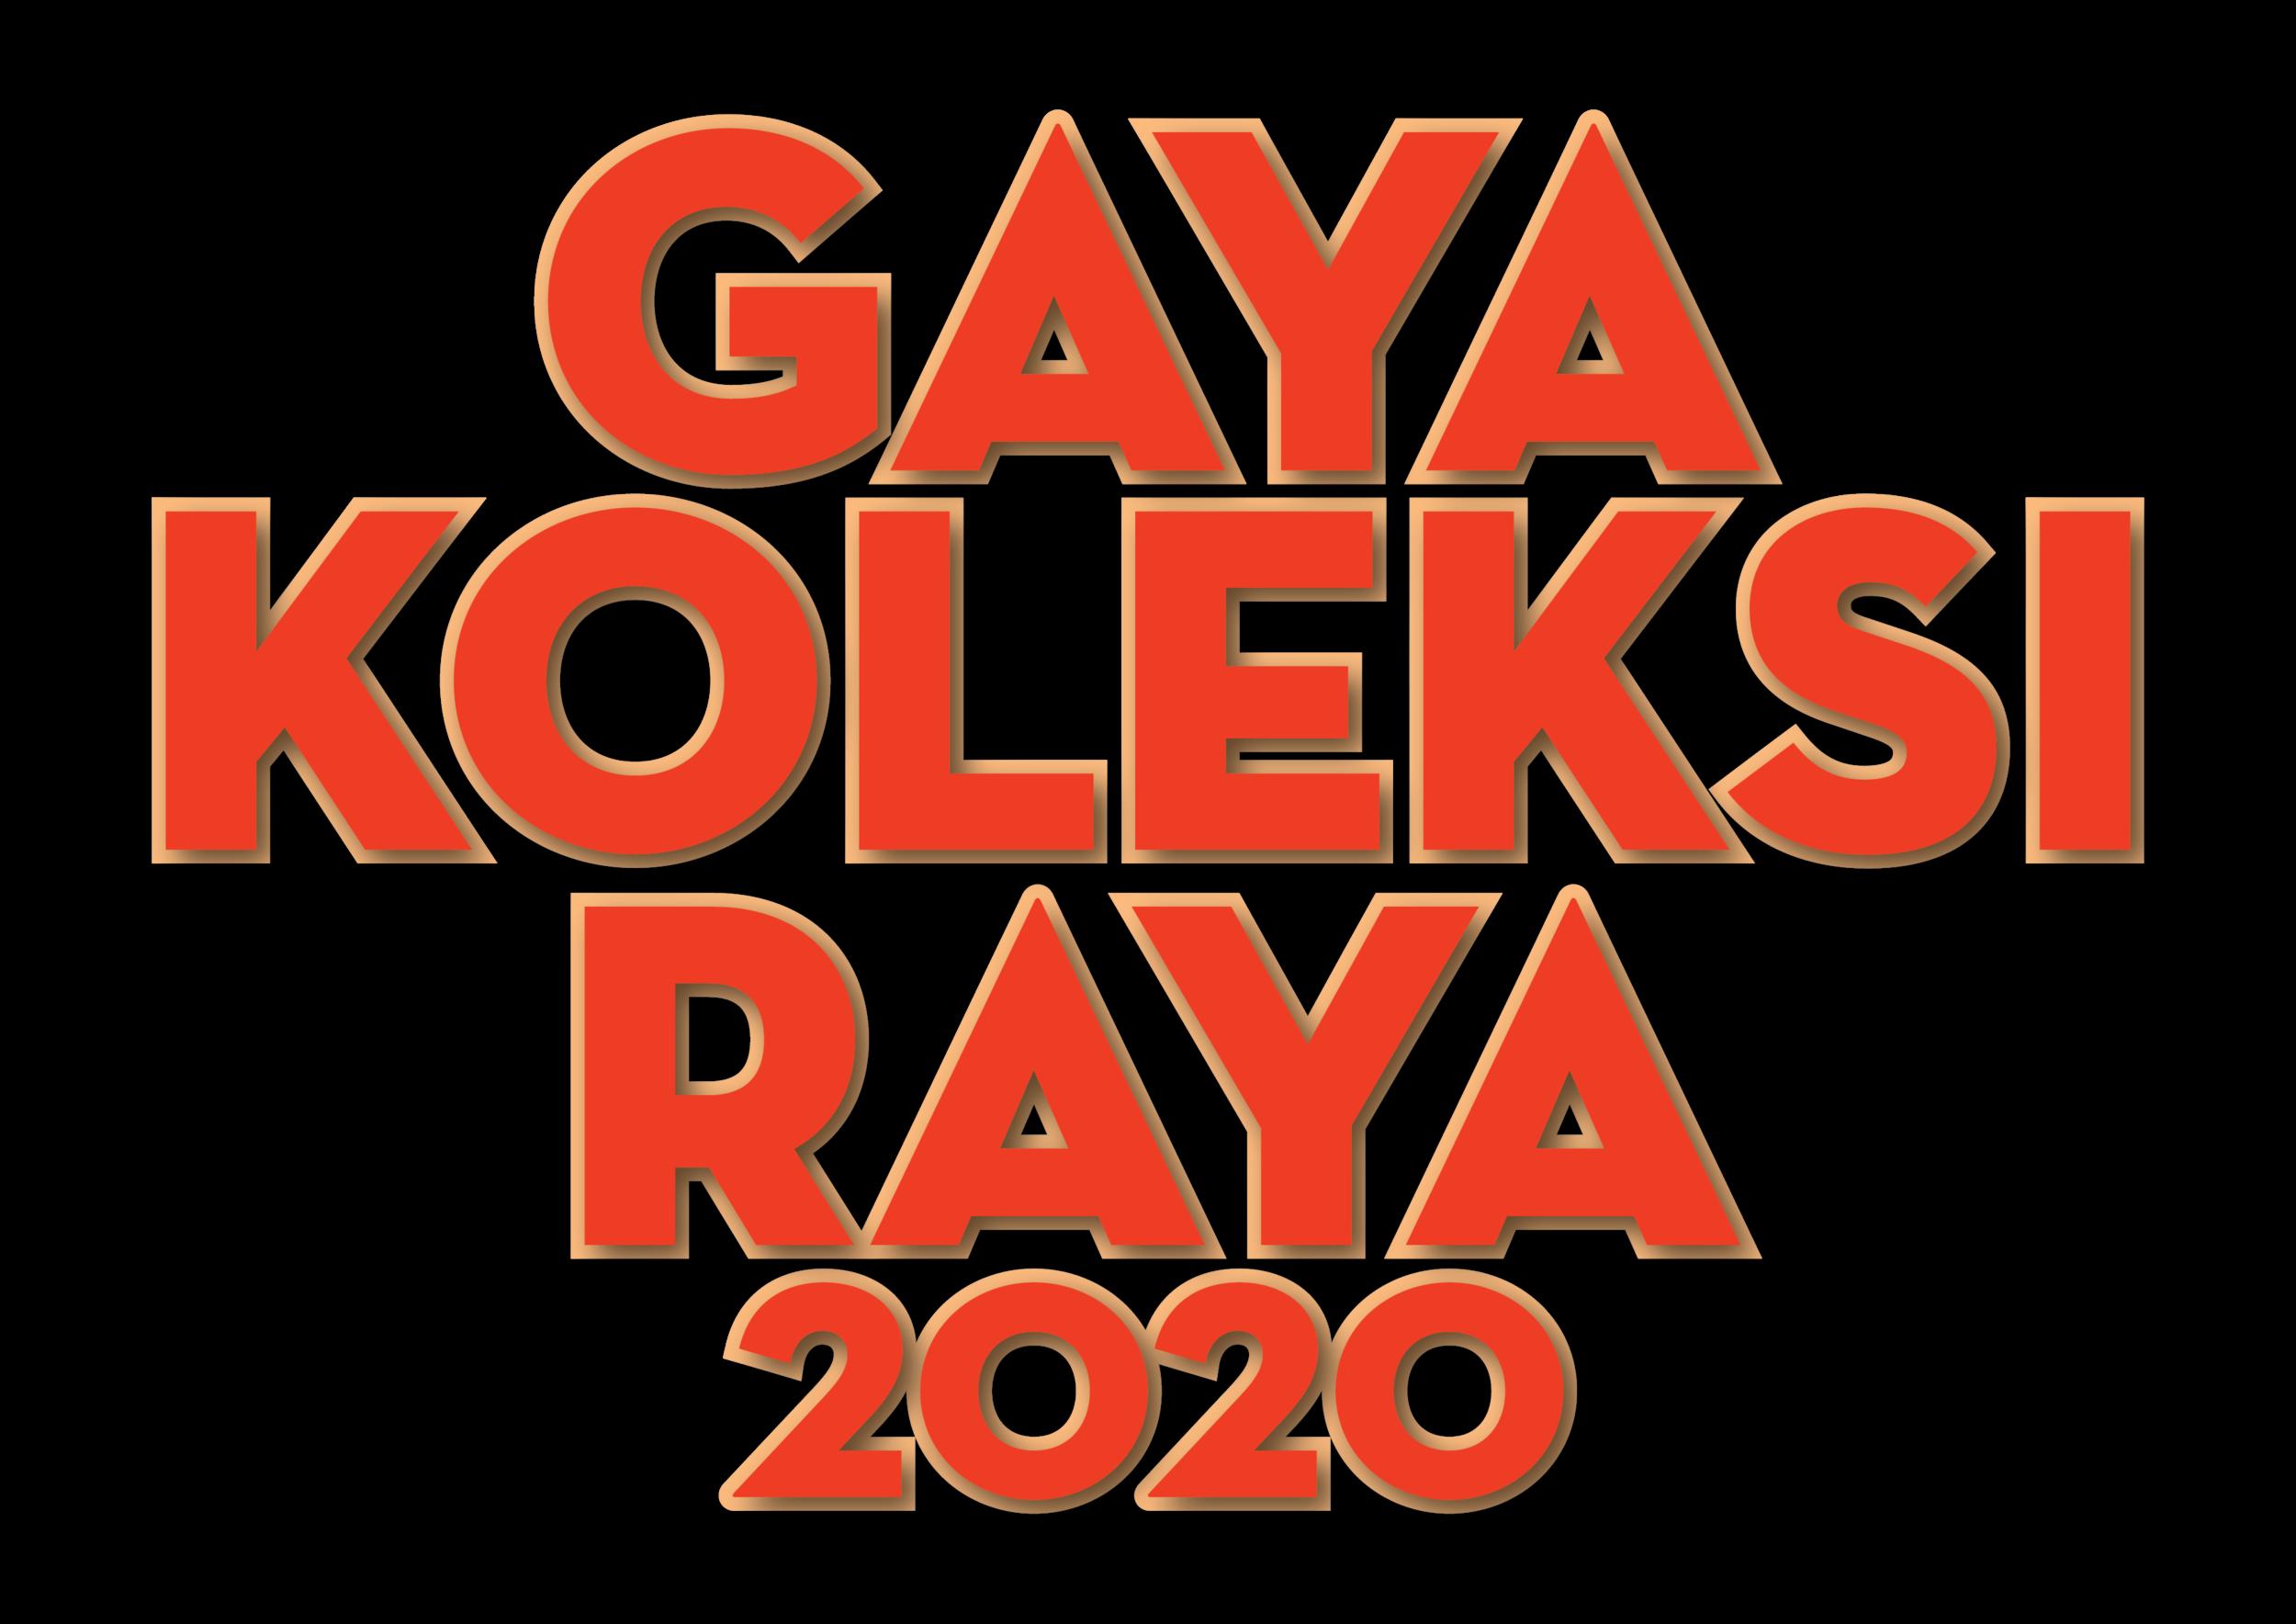 GKR_LOGO_2020_FINAL1-03.png